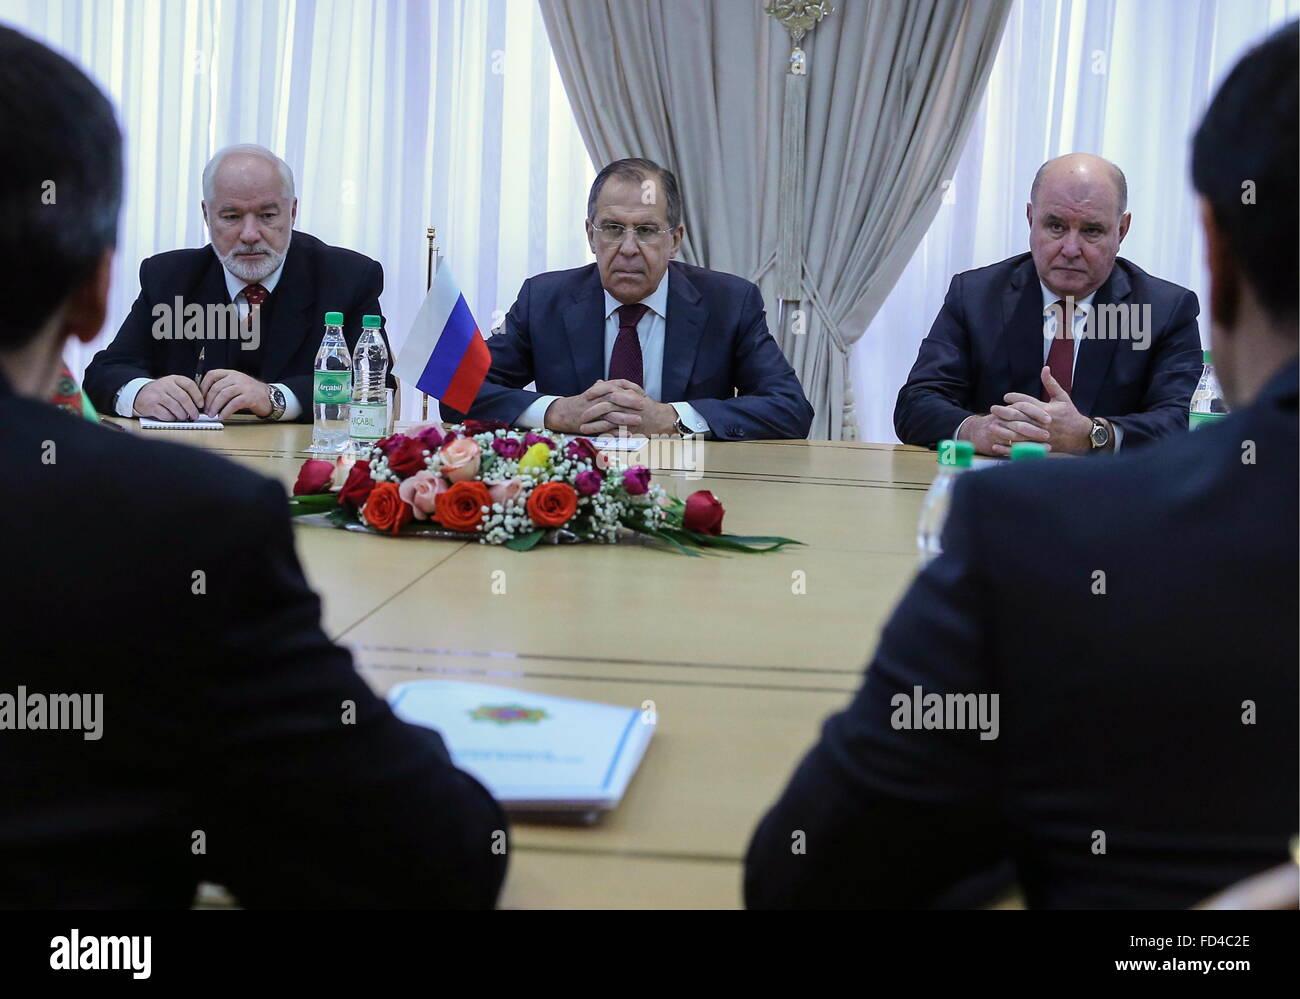 Ashgabat, Turkmenistan. 28th Jan, 2016. Russia's Ambassador to Turkmenistan Alexander Blokhin, Russia's - Stock Image